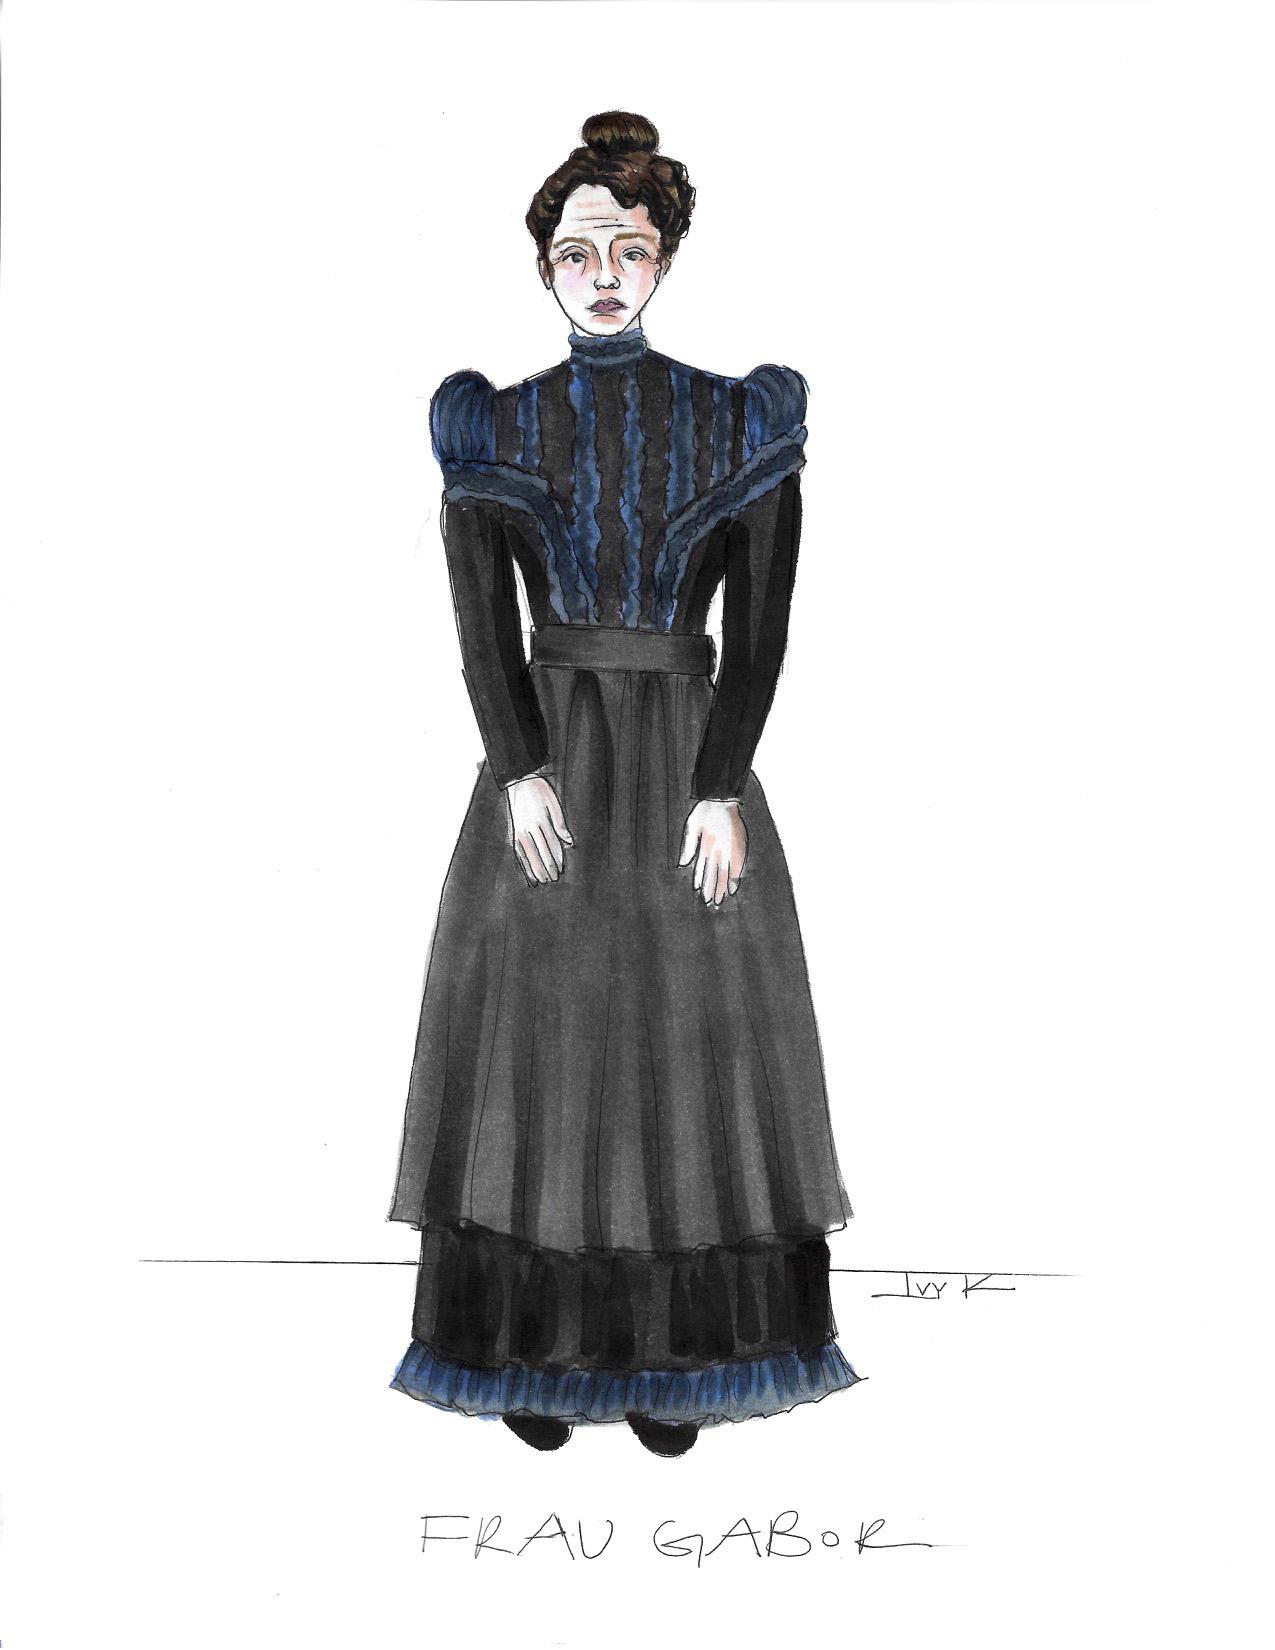 Frau Gabor